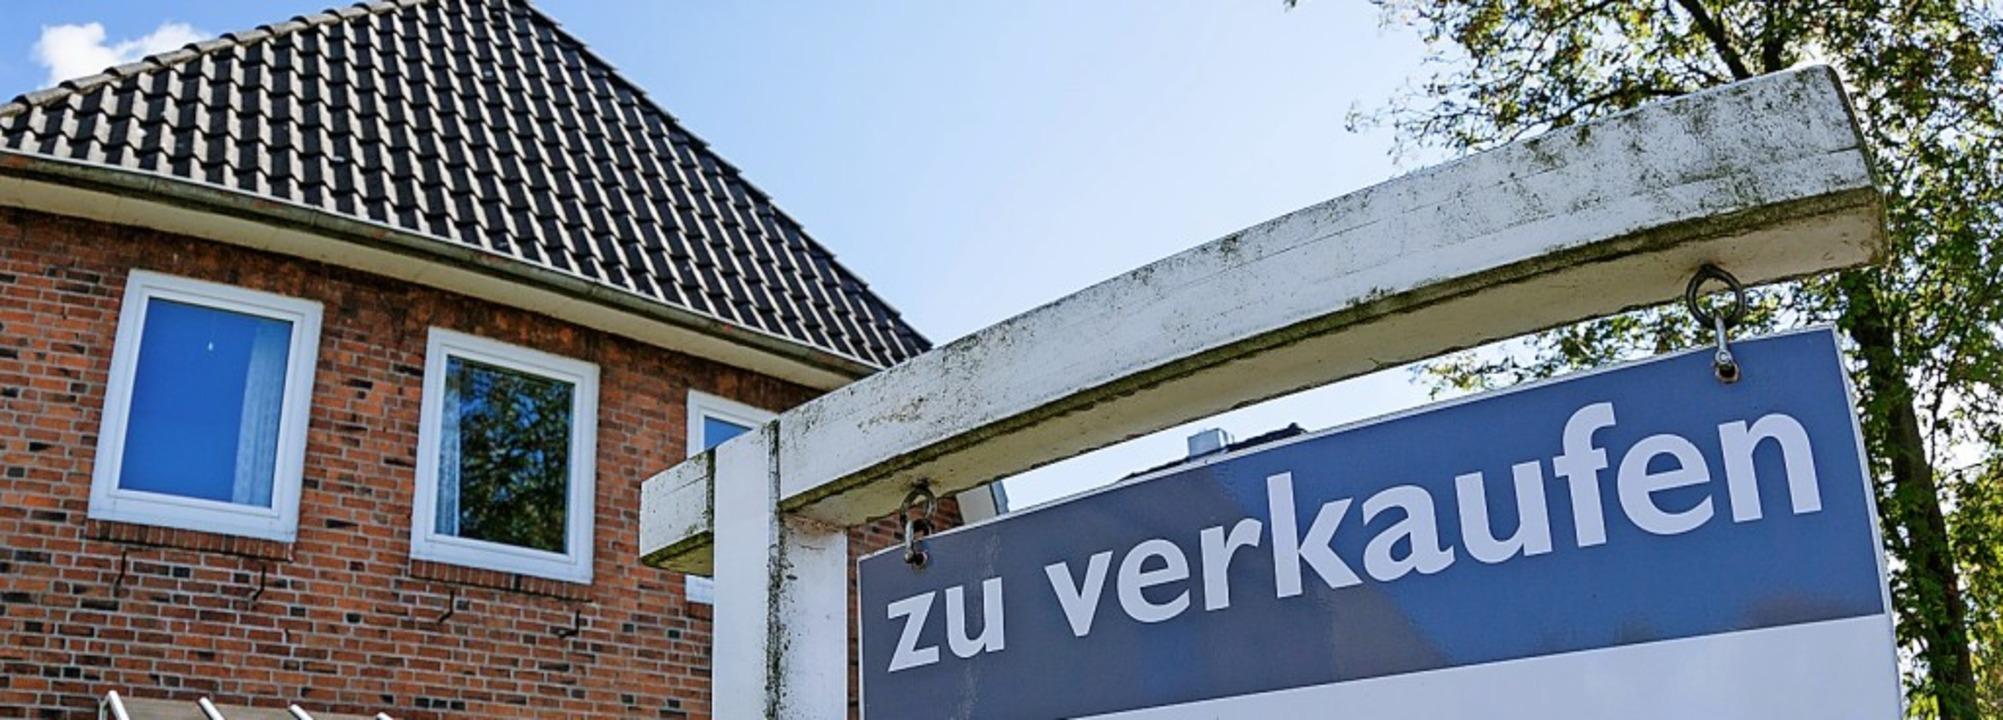 Wer sein Haus zum Verkauf stellt, soll...ssen, wie viel die Immobilie wert ist.  | Foto: Markus Scholz